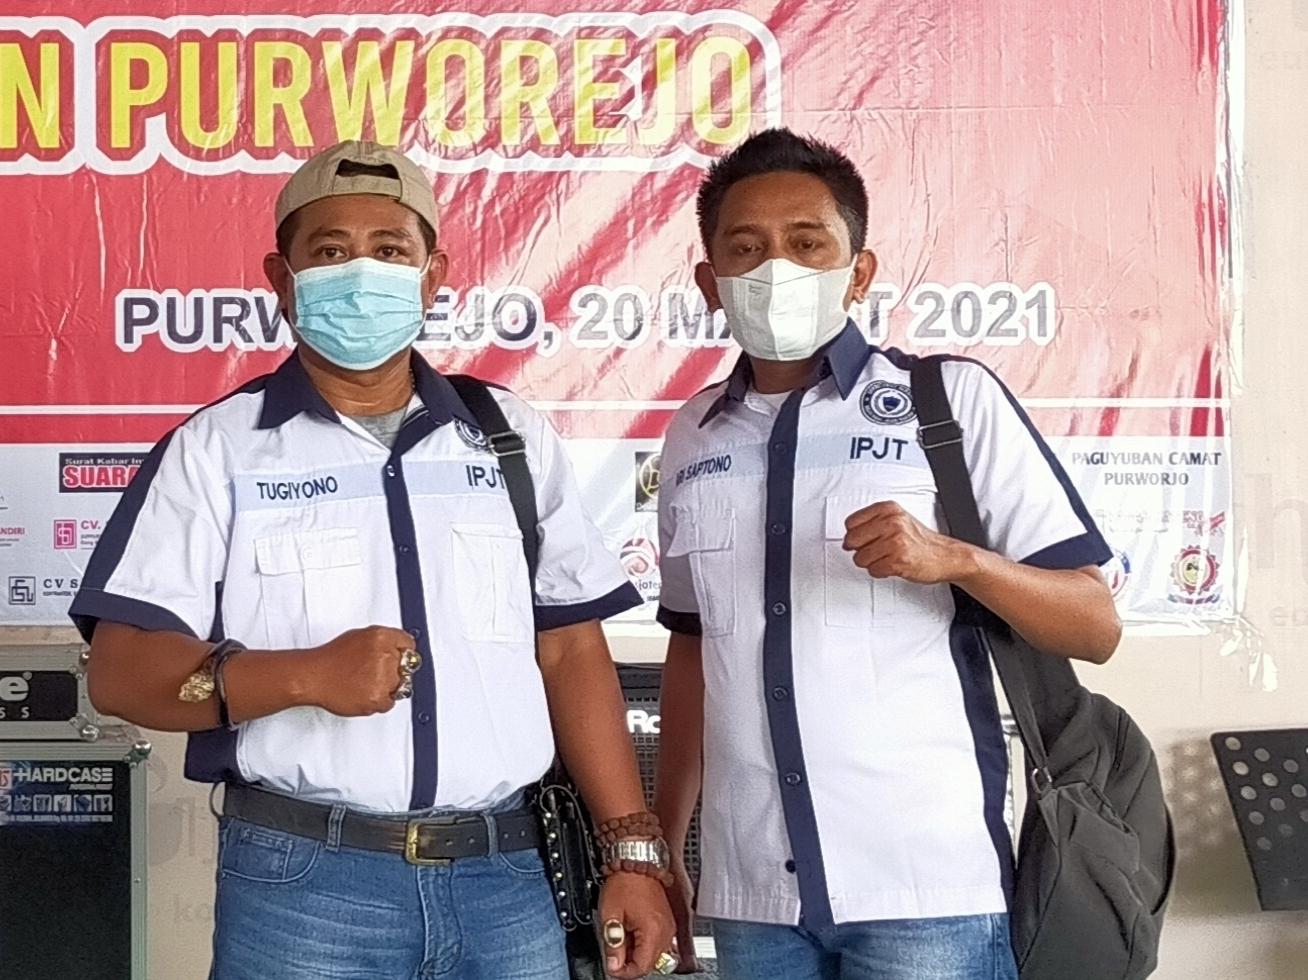 Kecam Pelaku Pembunuh Wartawan di Medan, Ketua IPJT Pati: Polisi Harus Usut Tuntas Kasusnya